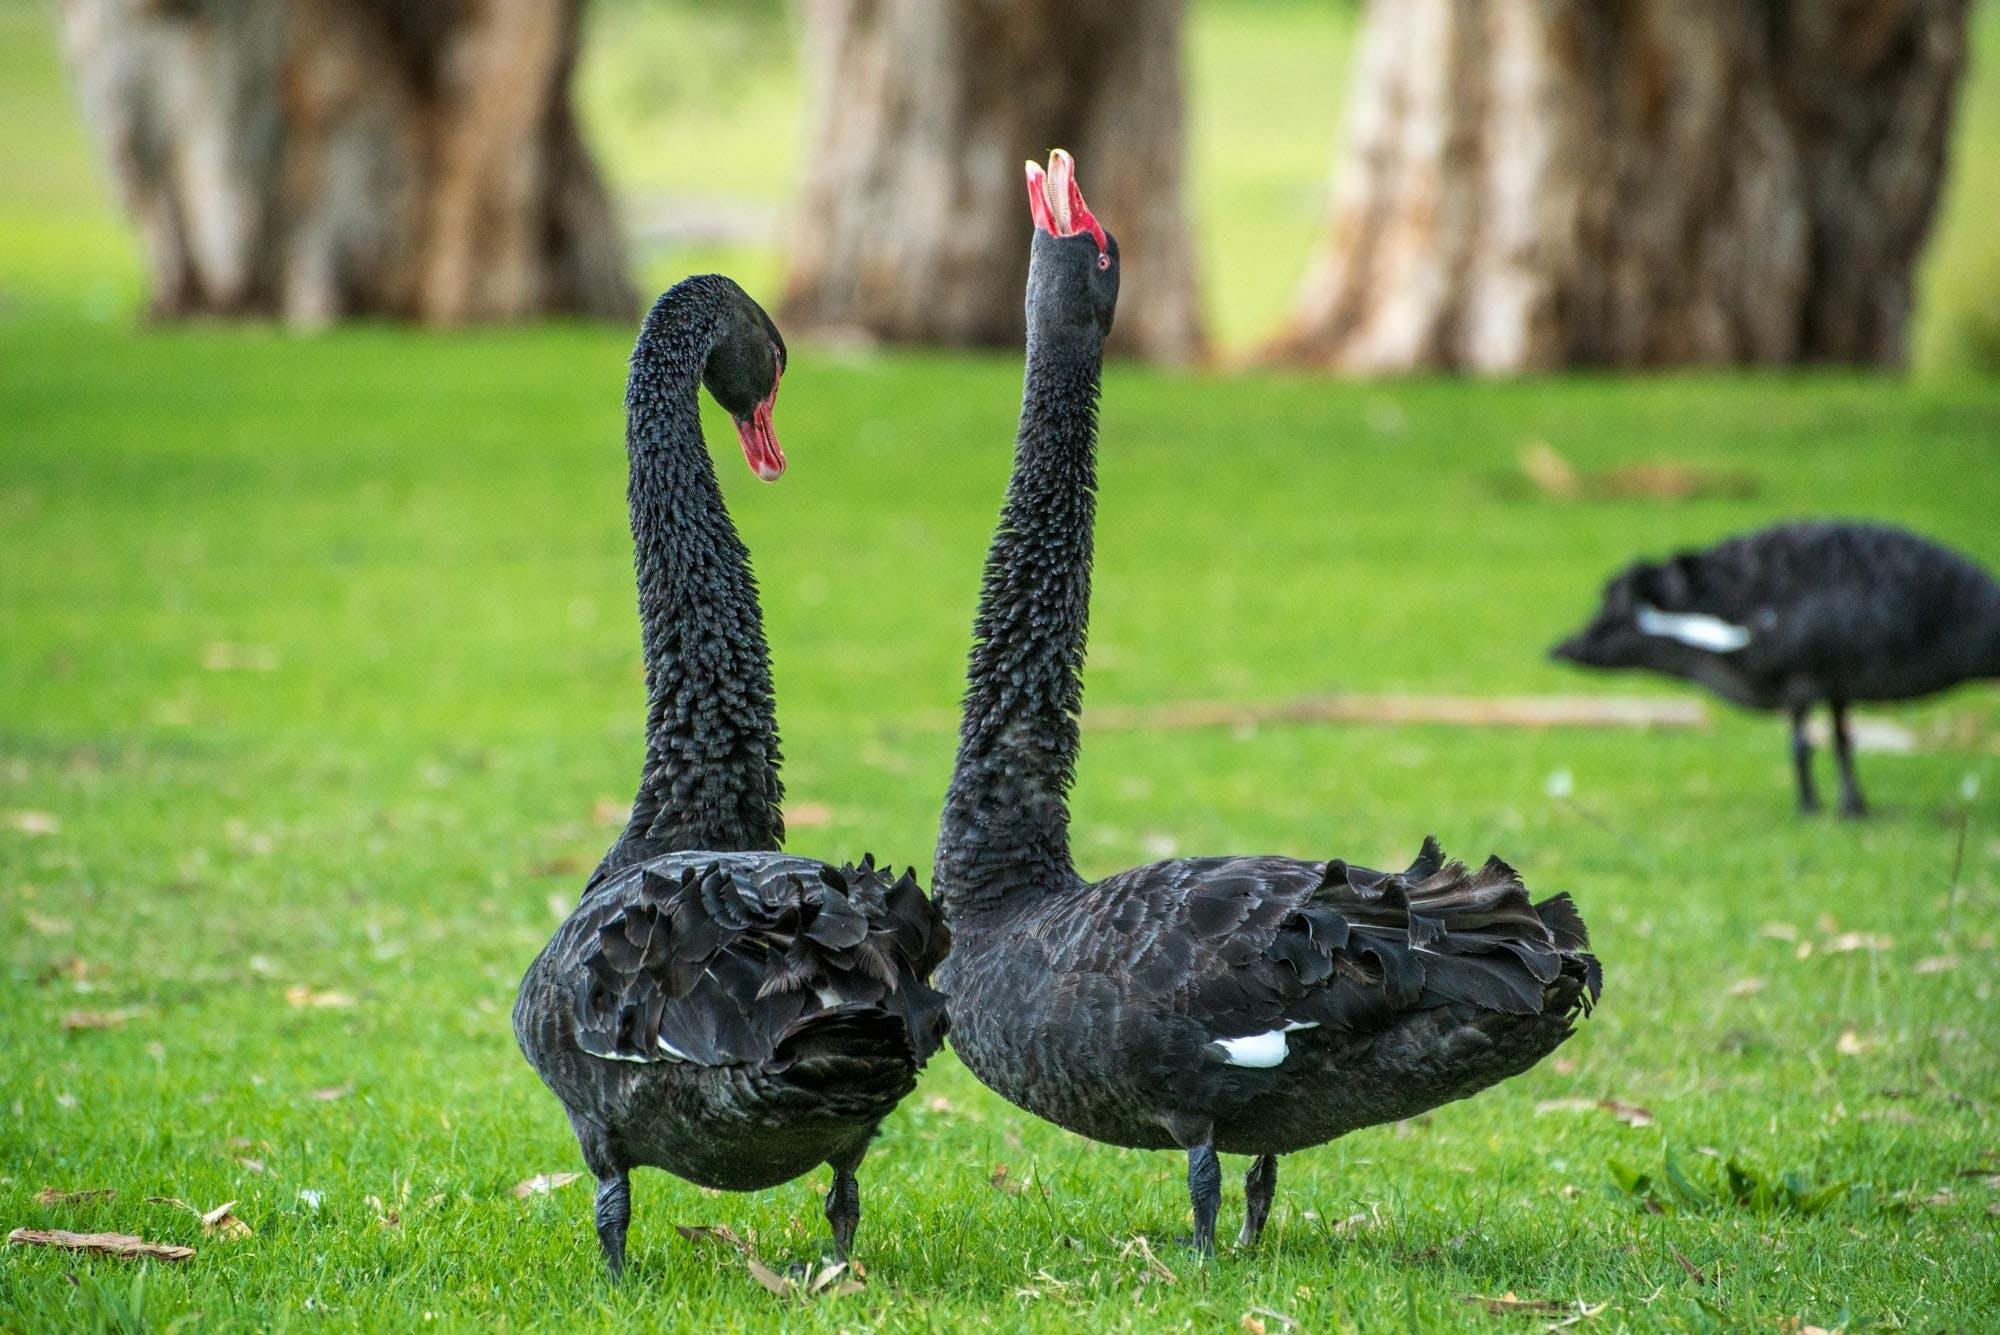 검은 백조, 검은색, 공원, 동물의 무료 스톡 사진